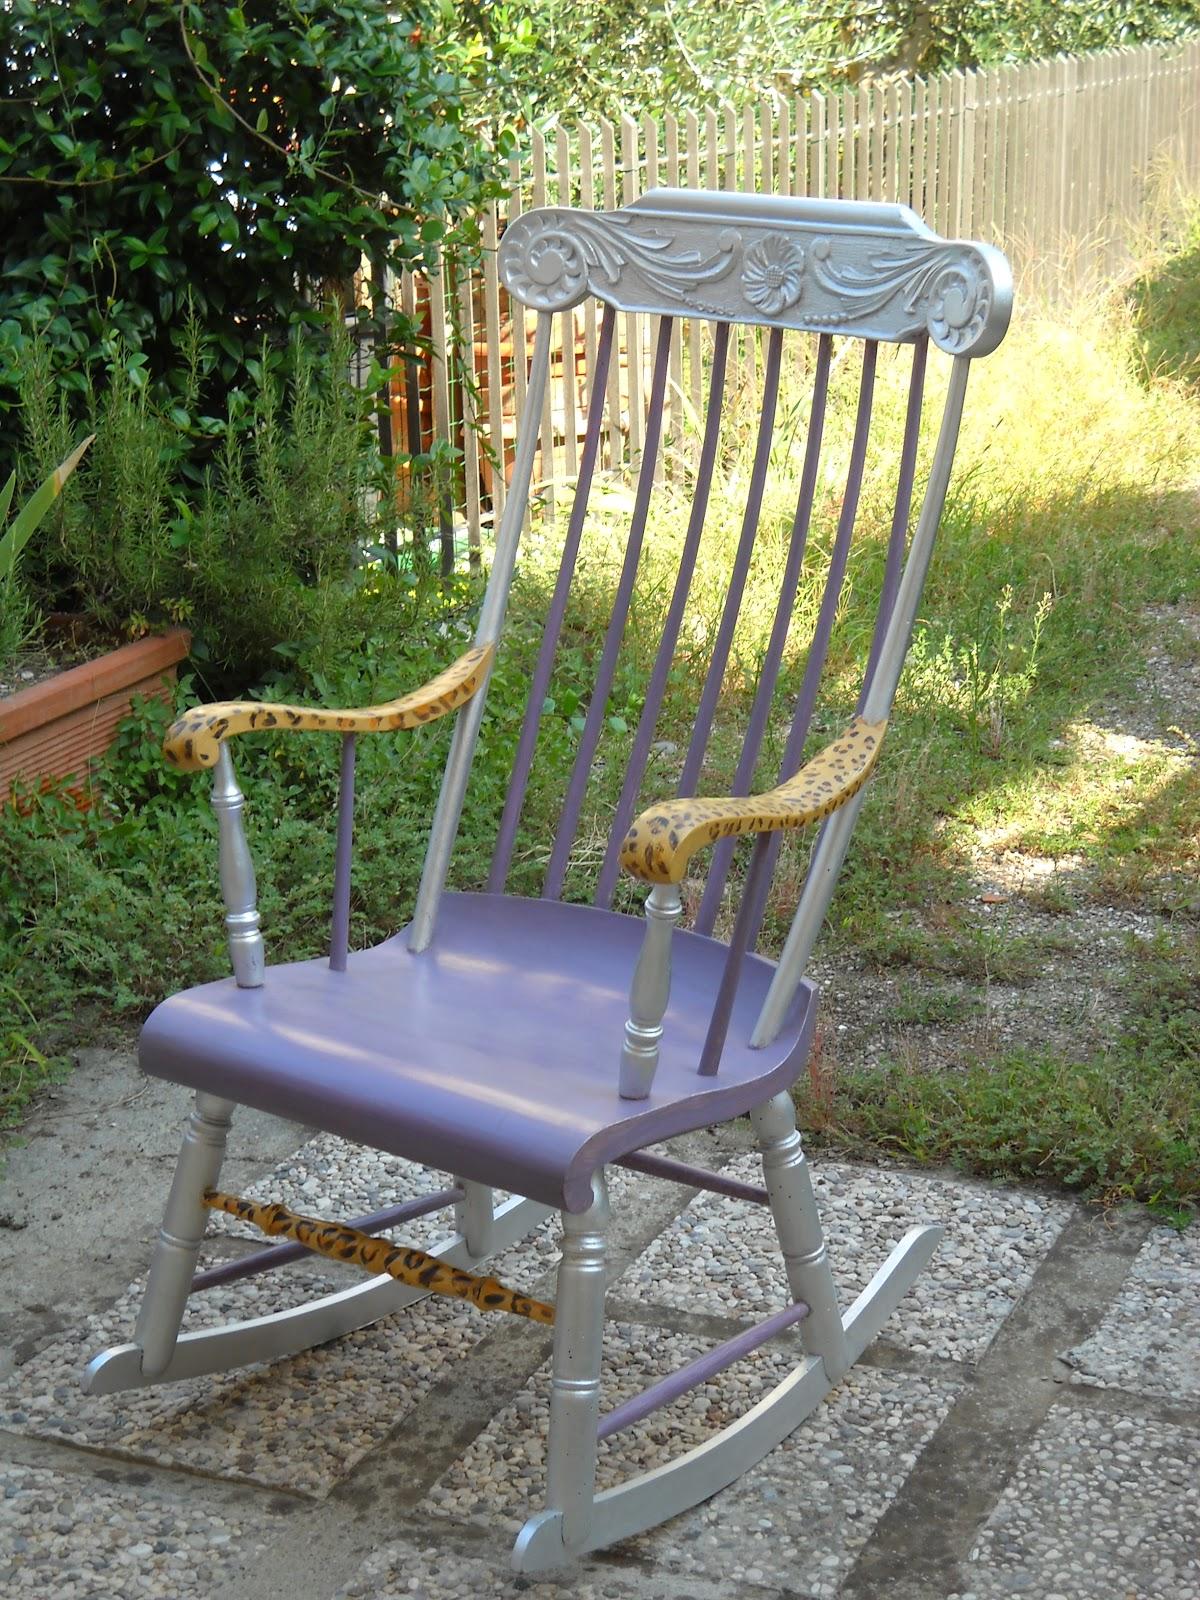 Mirinart la vecchia sedia a dondolo - La sedia a dondolo ...